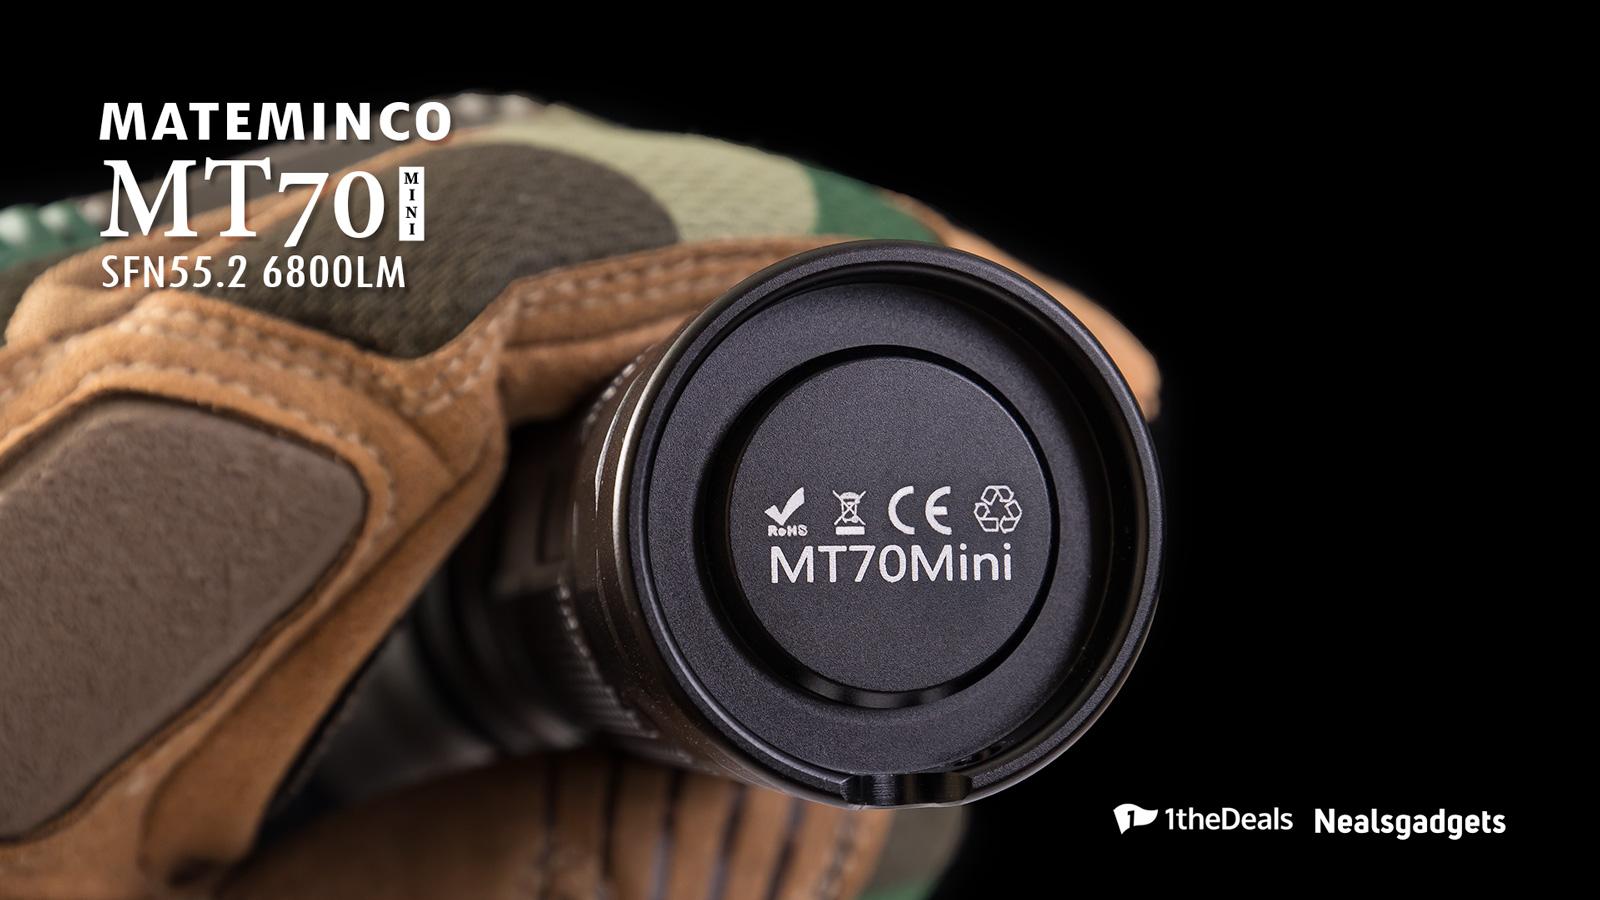 ©1theDeals Mateminco MT70 Mini SFN55.2